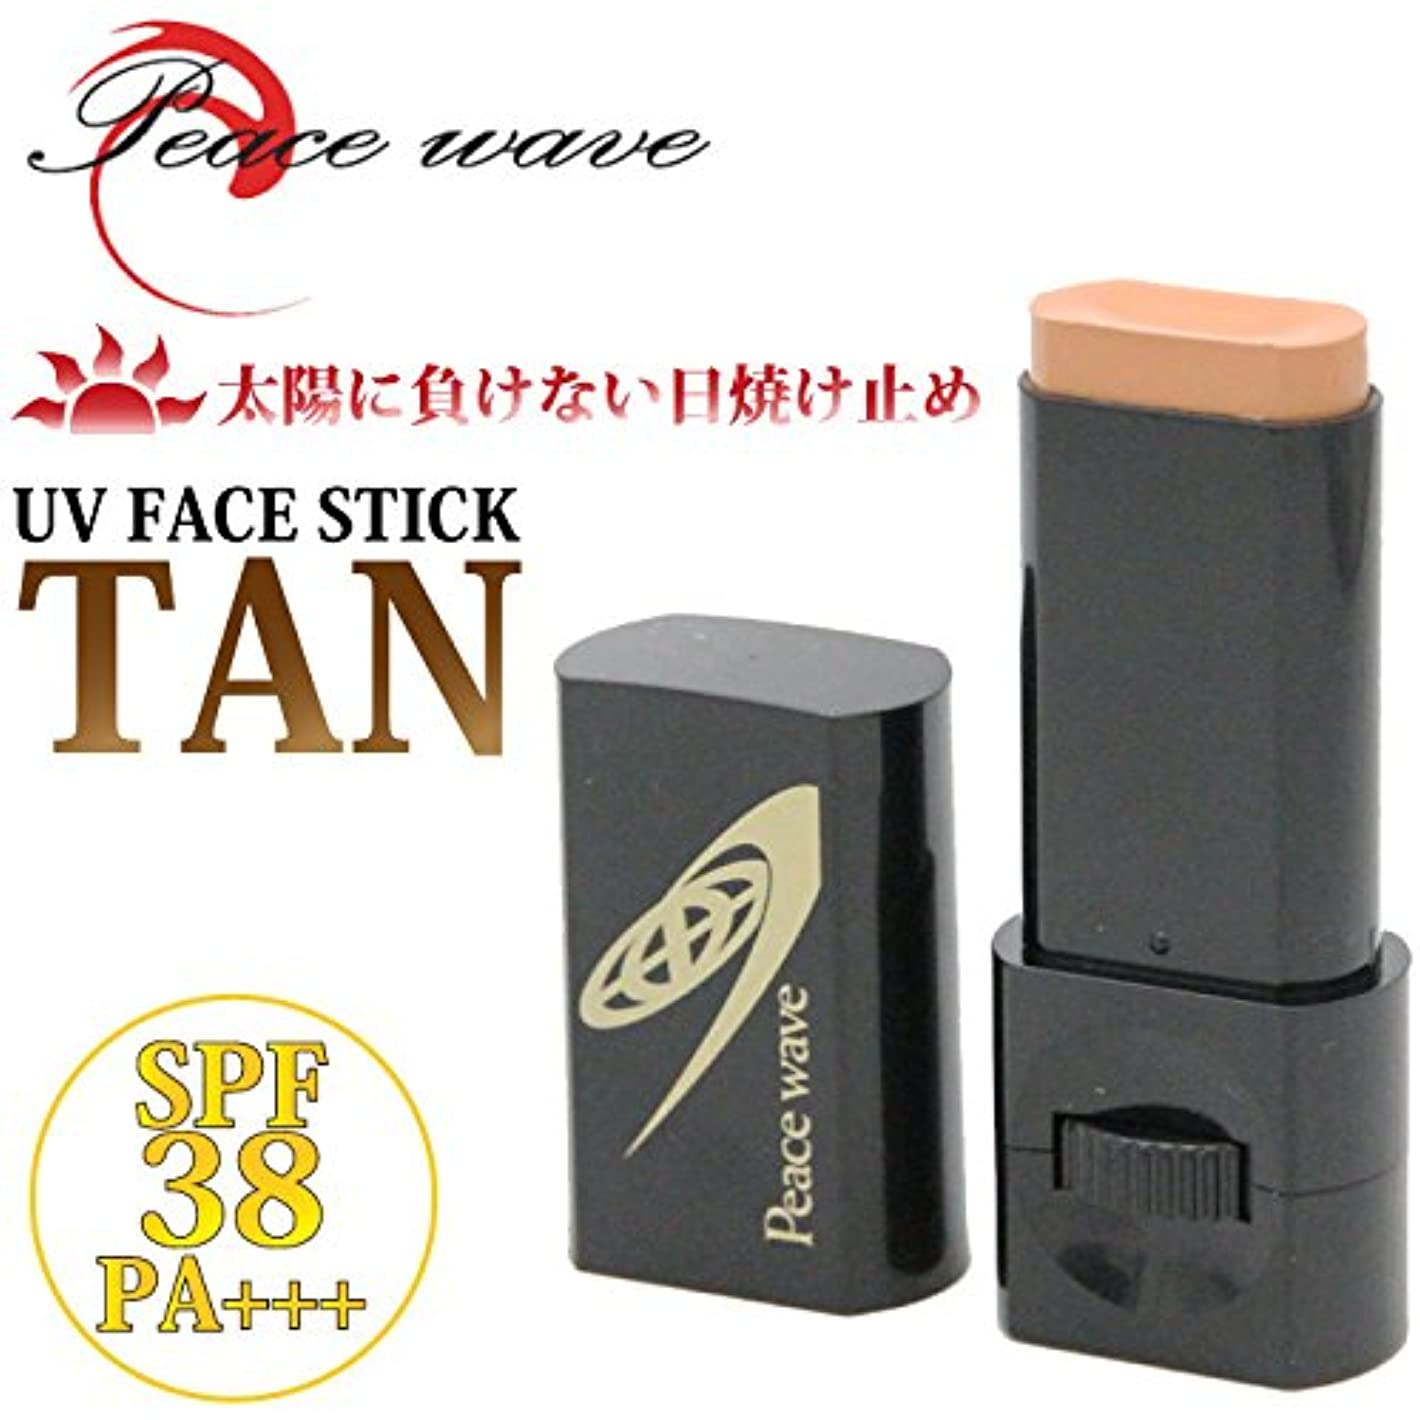 環境配列自殺PEACE WAVE(ピースウェーブ) 日焼け止め UV FACE STICK SPF38 フェイススティック タン